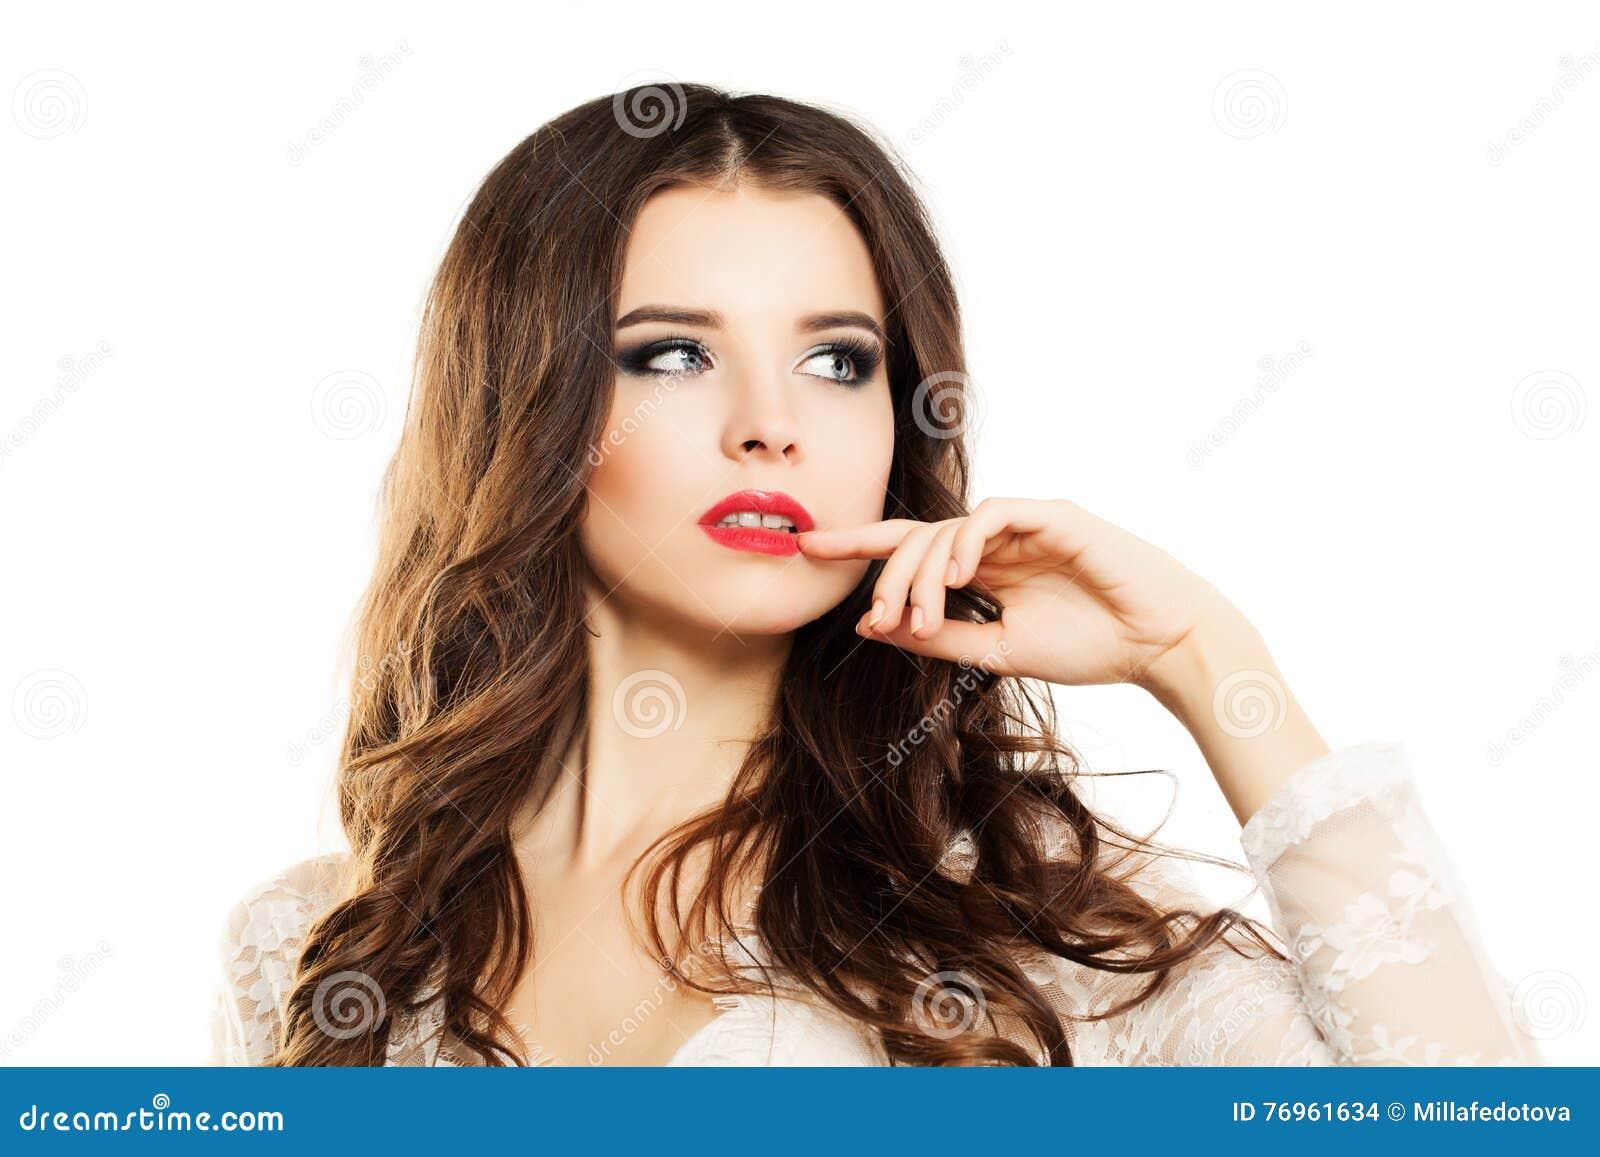 La mujer hermosa toca su mano en sus labios